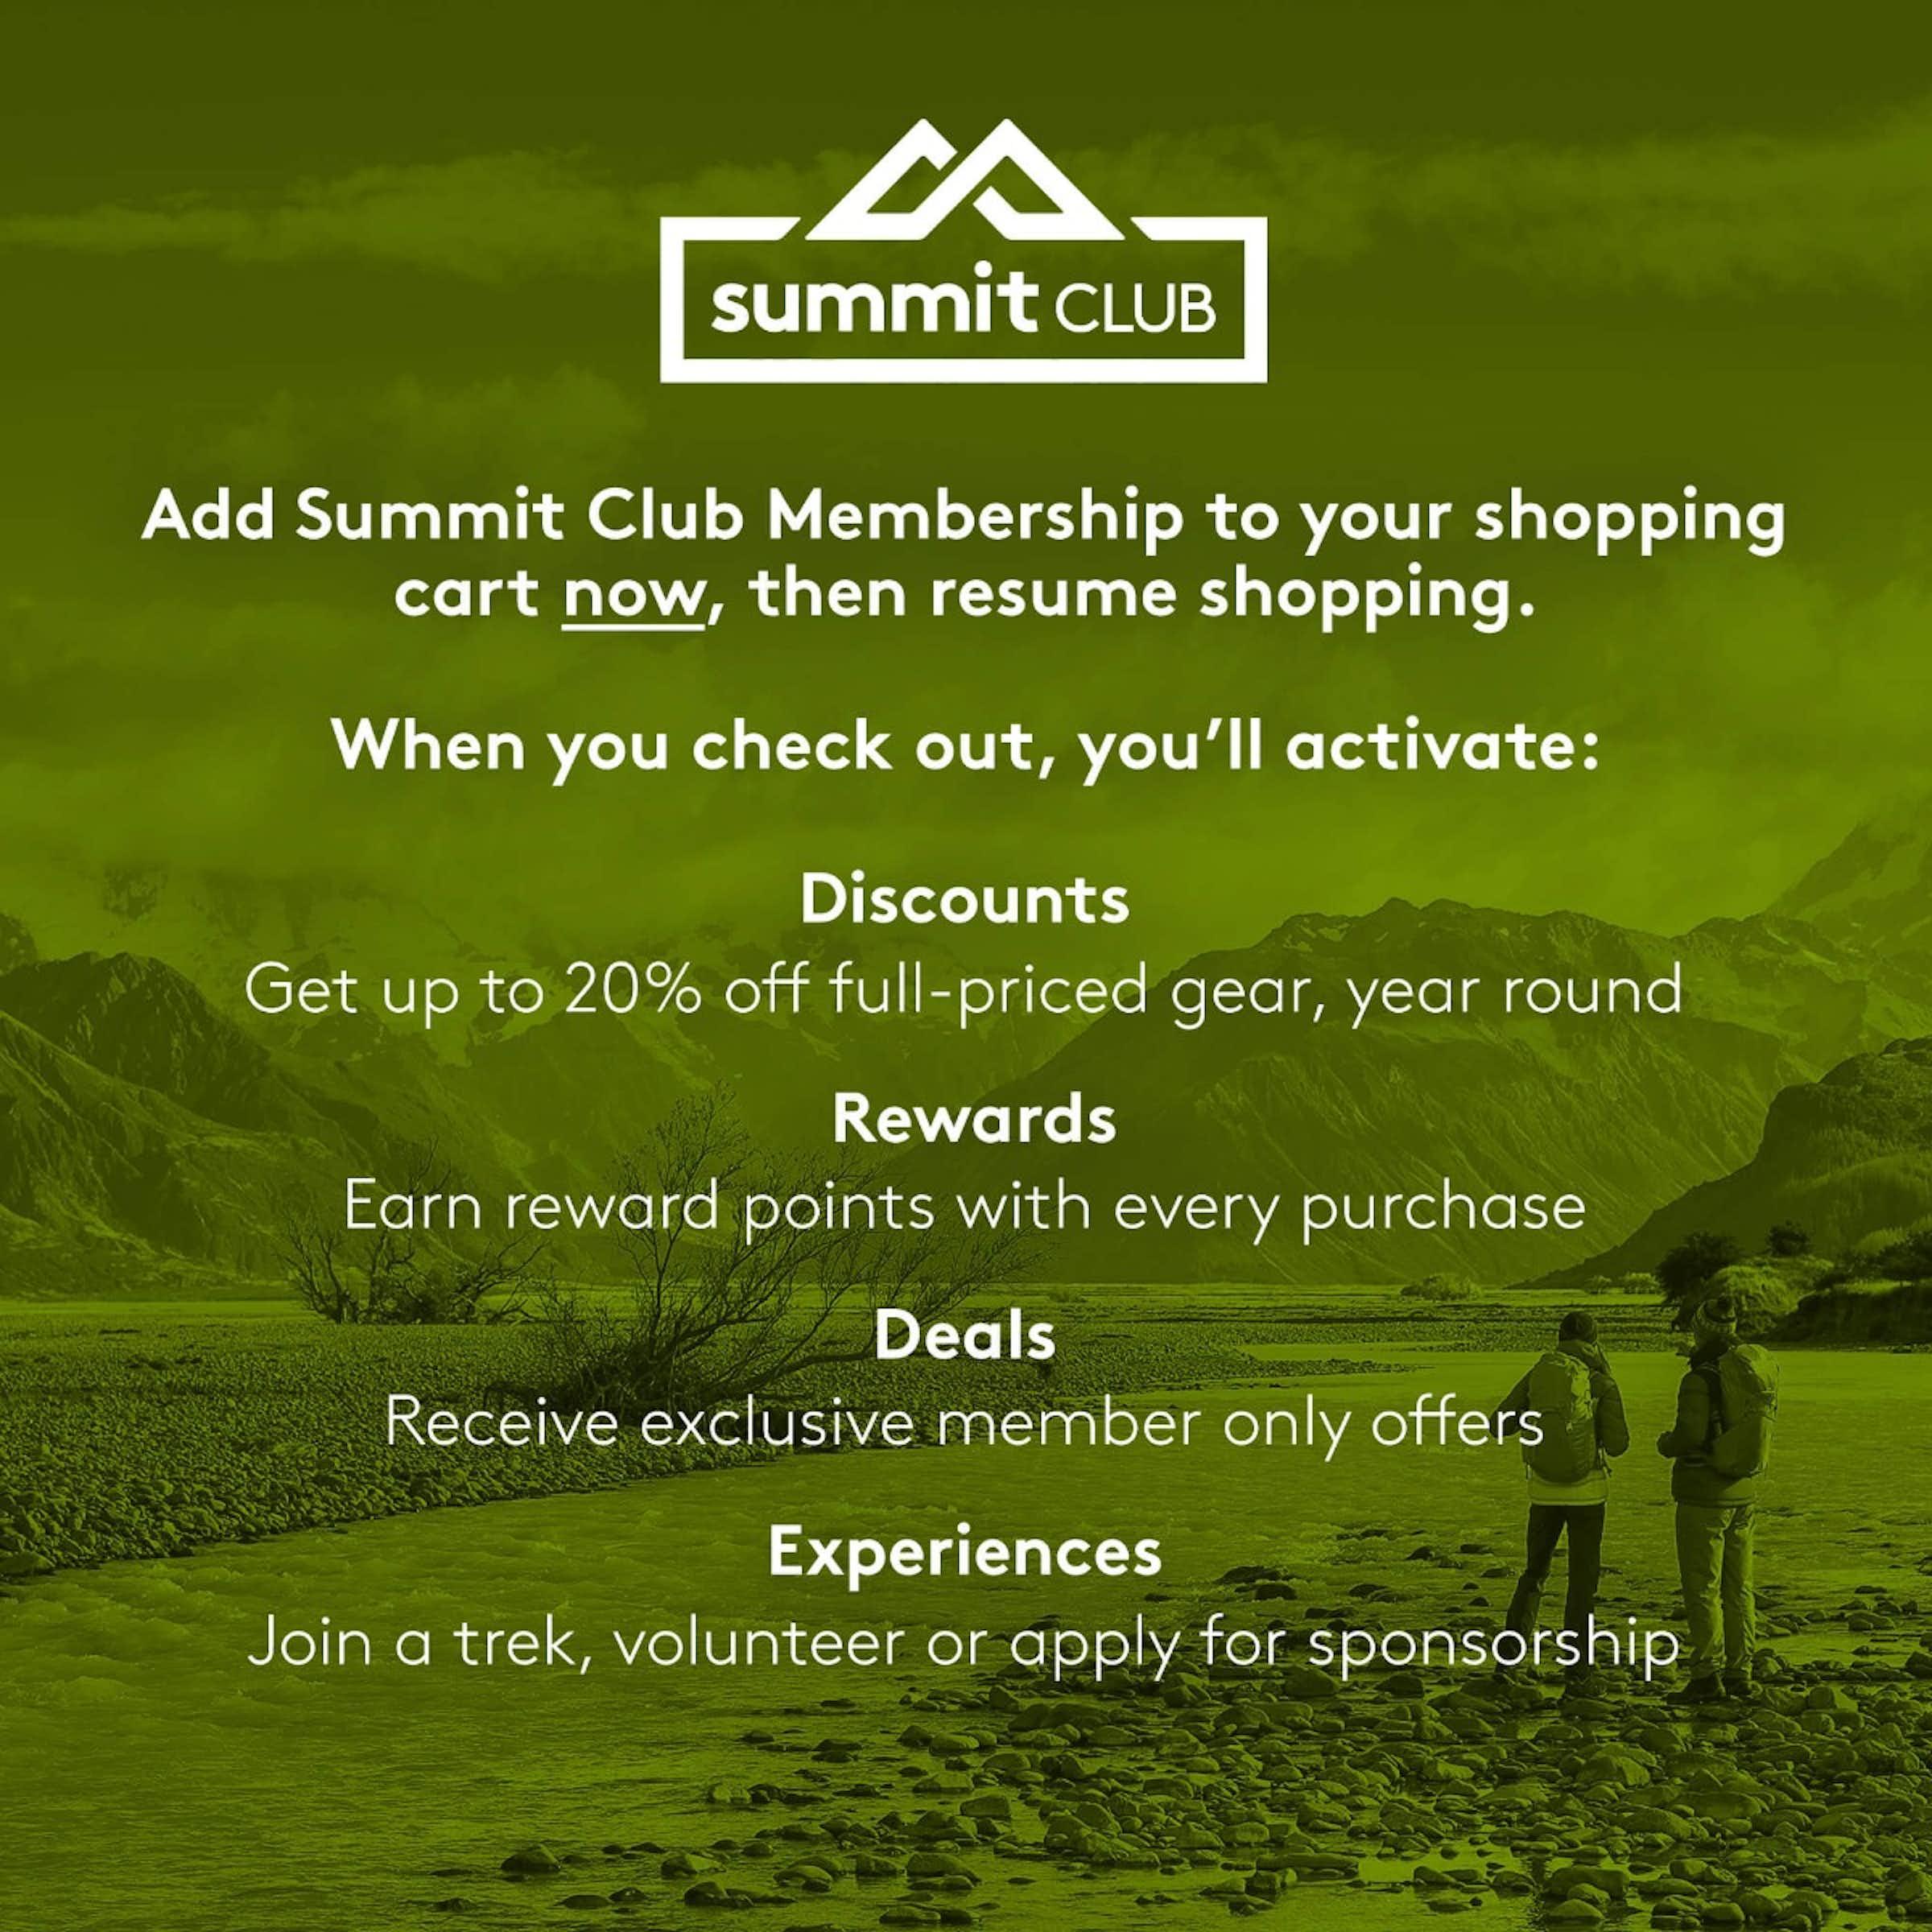 537a48520aa Summit Club Membership